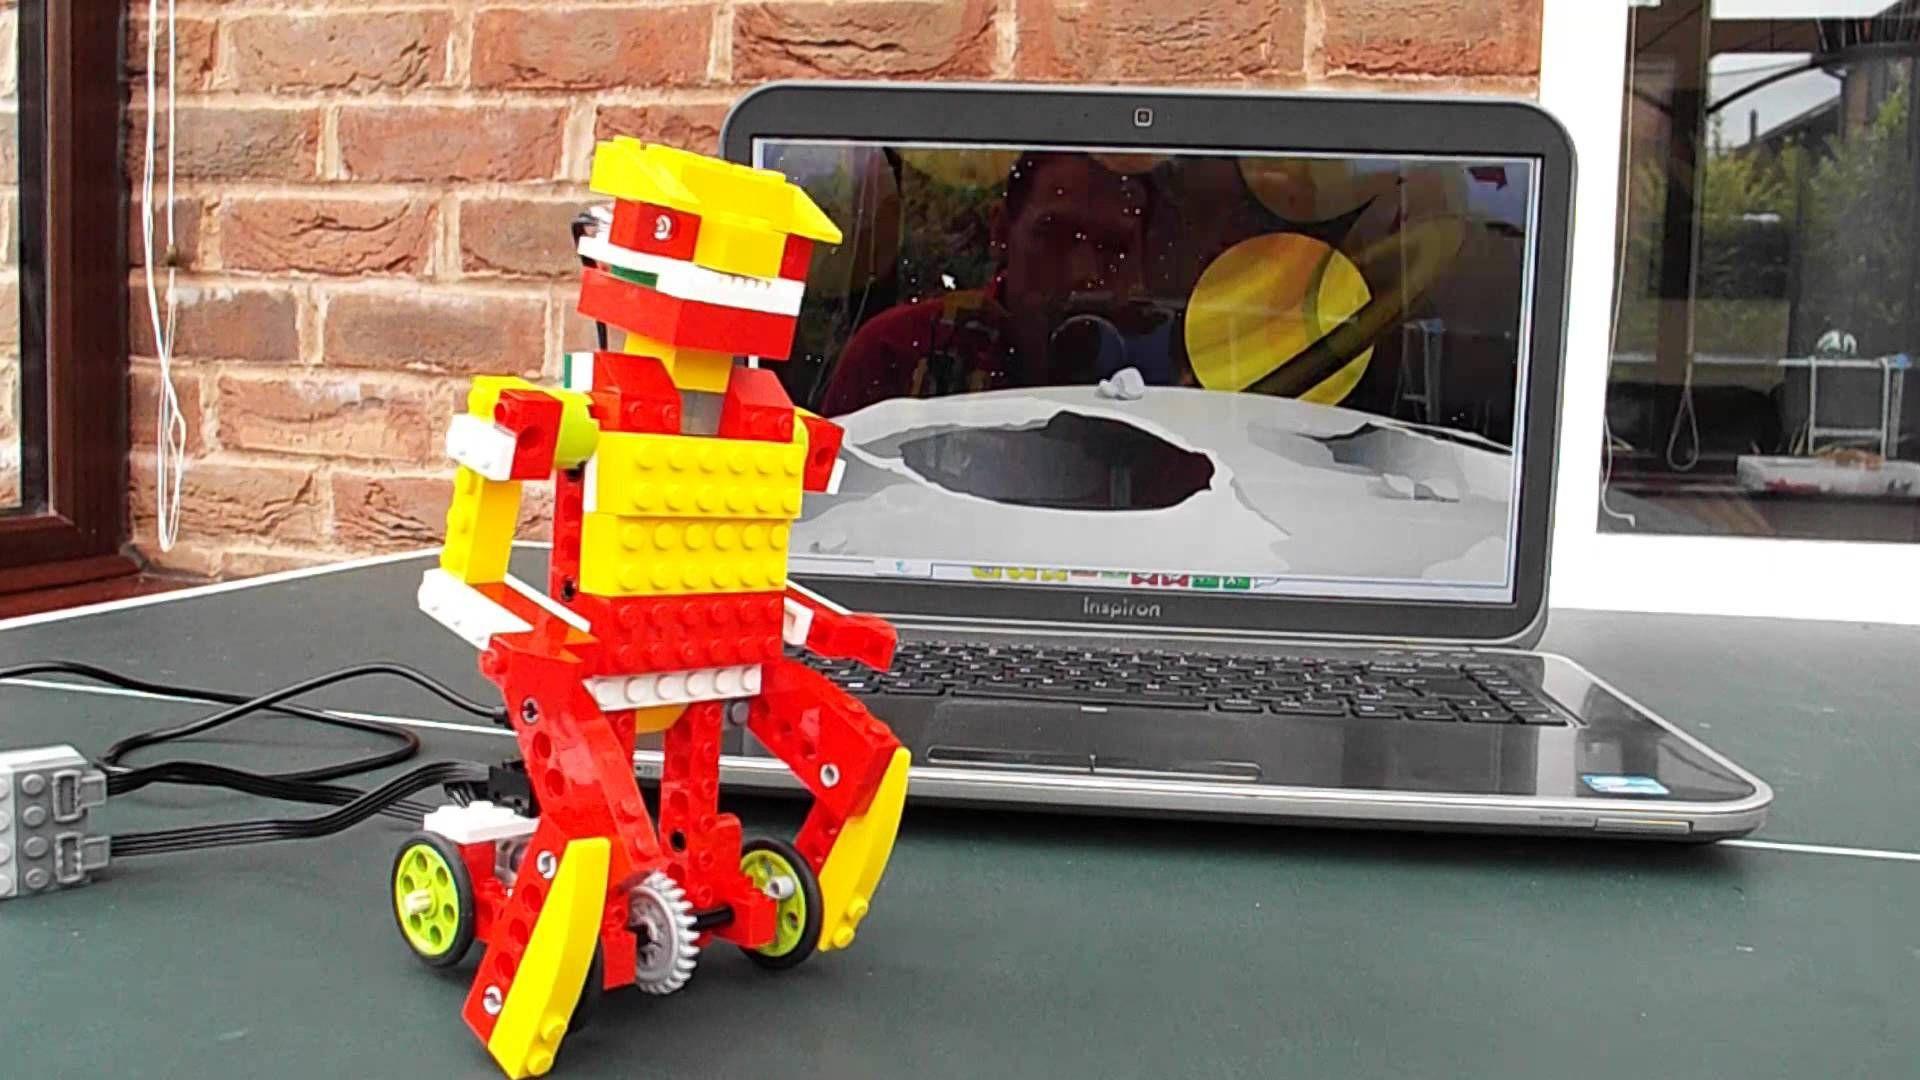 Juniorstem Workshops - Lego Robot